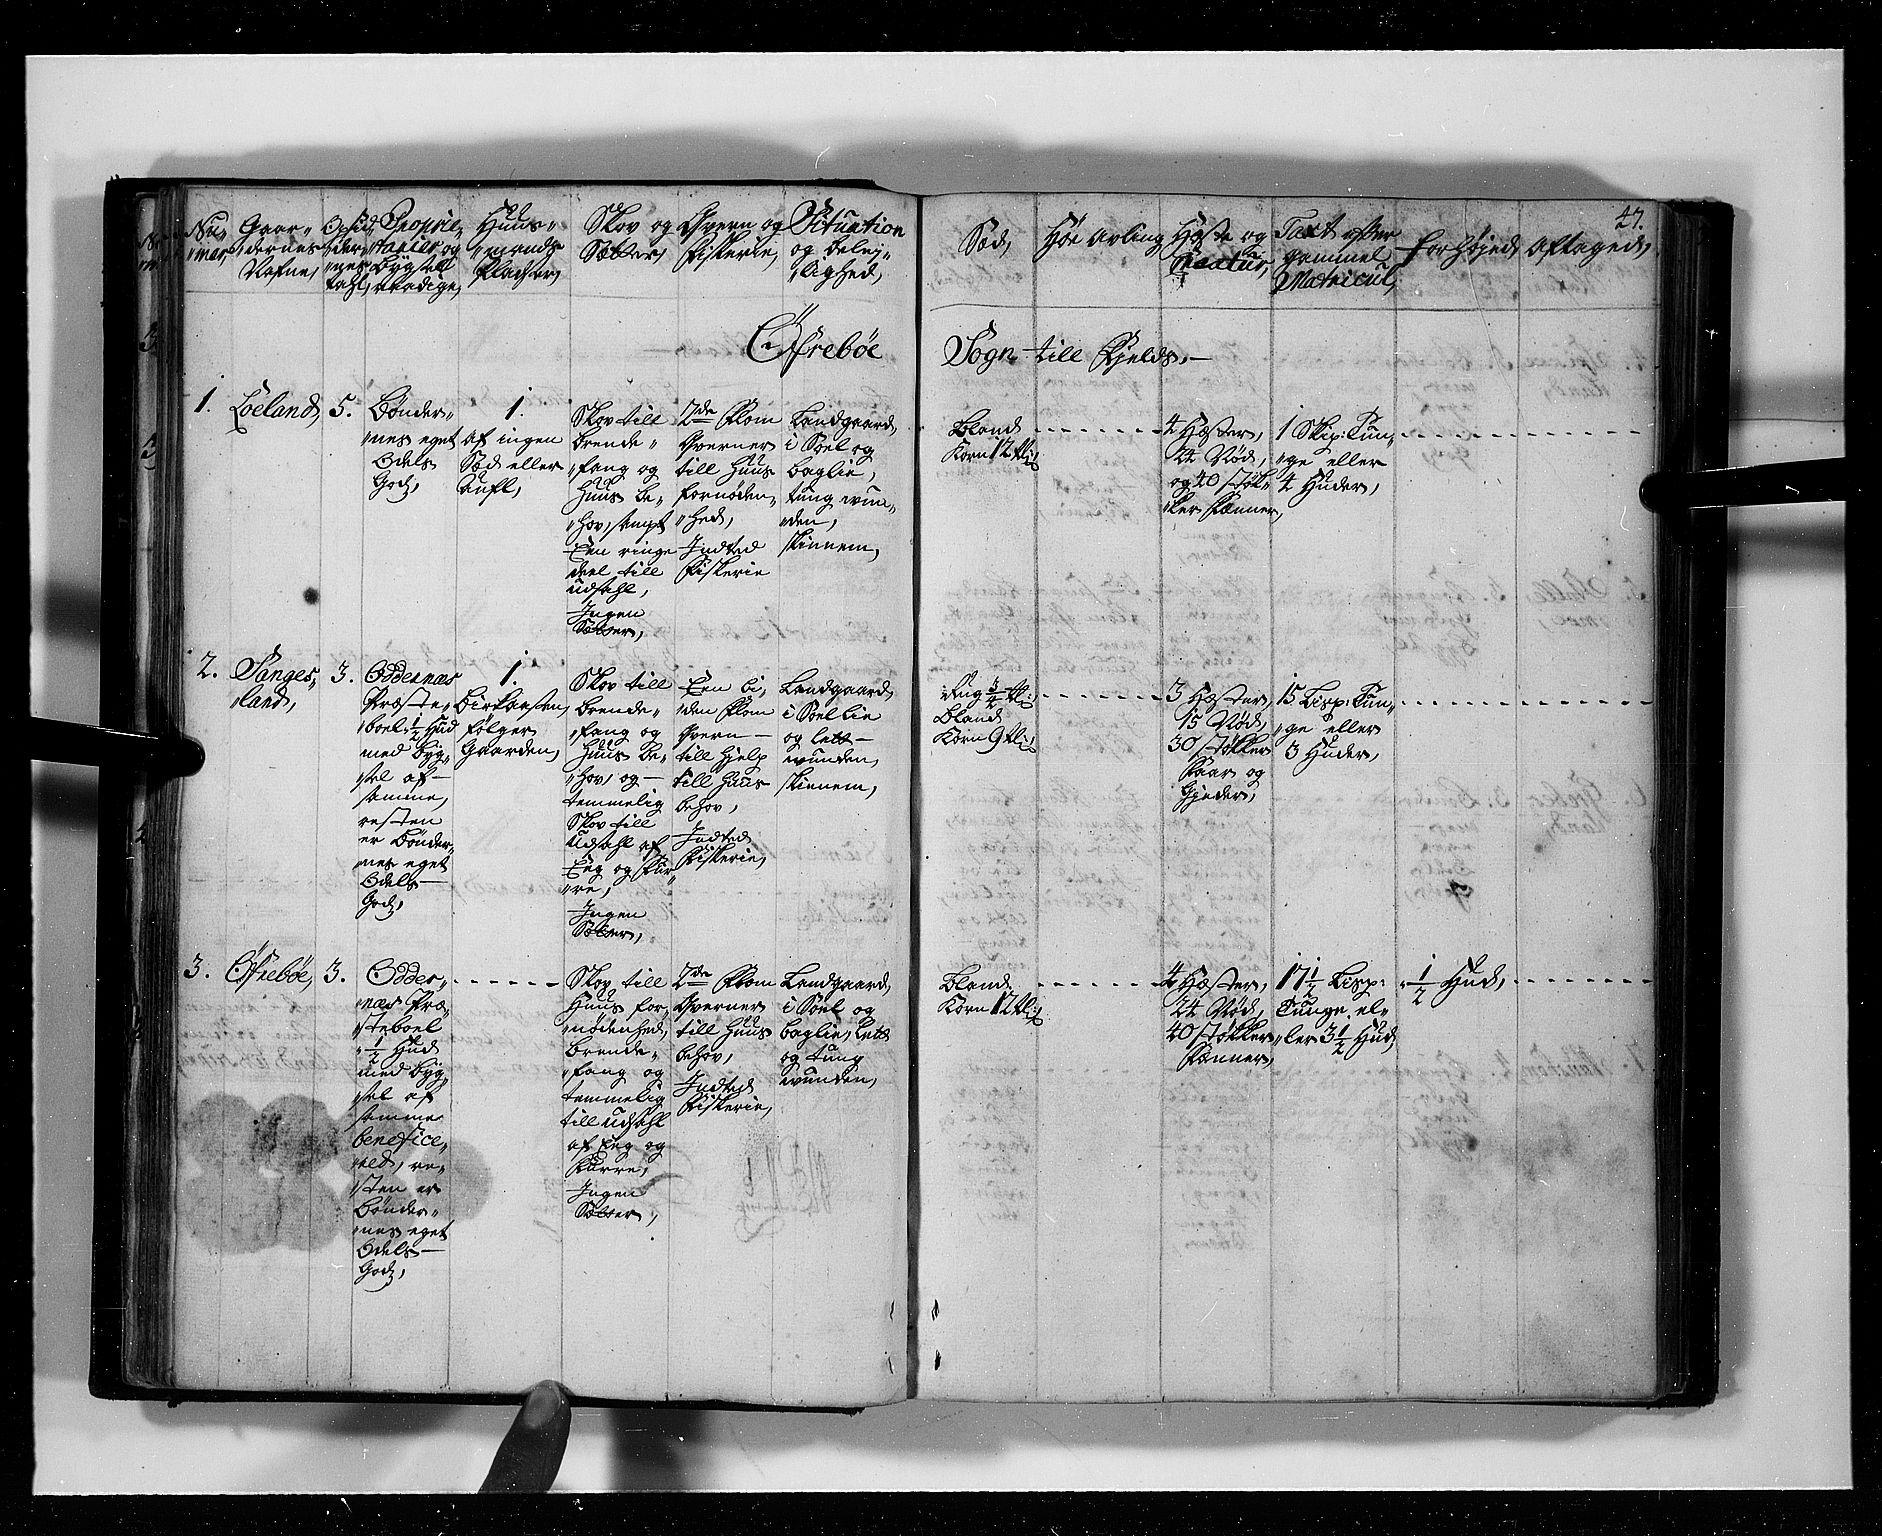 RA, Rentekammeret inntil 1814, Realistisk ordnet avdeling, N/Nb/Nbf/L0127: Mandal eksaminasjonsprotokoll, 1723, s. 46b-47a